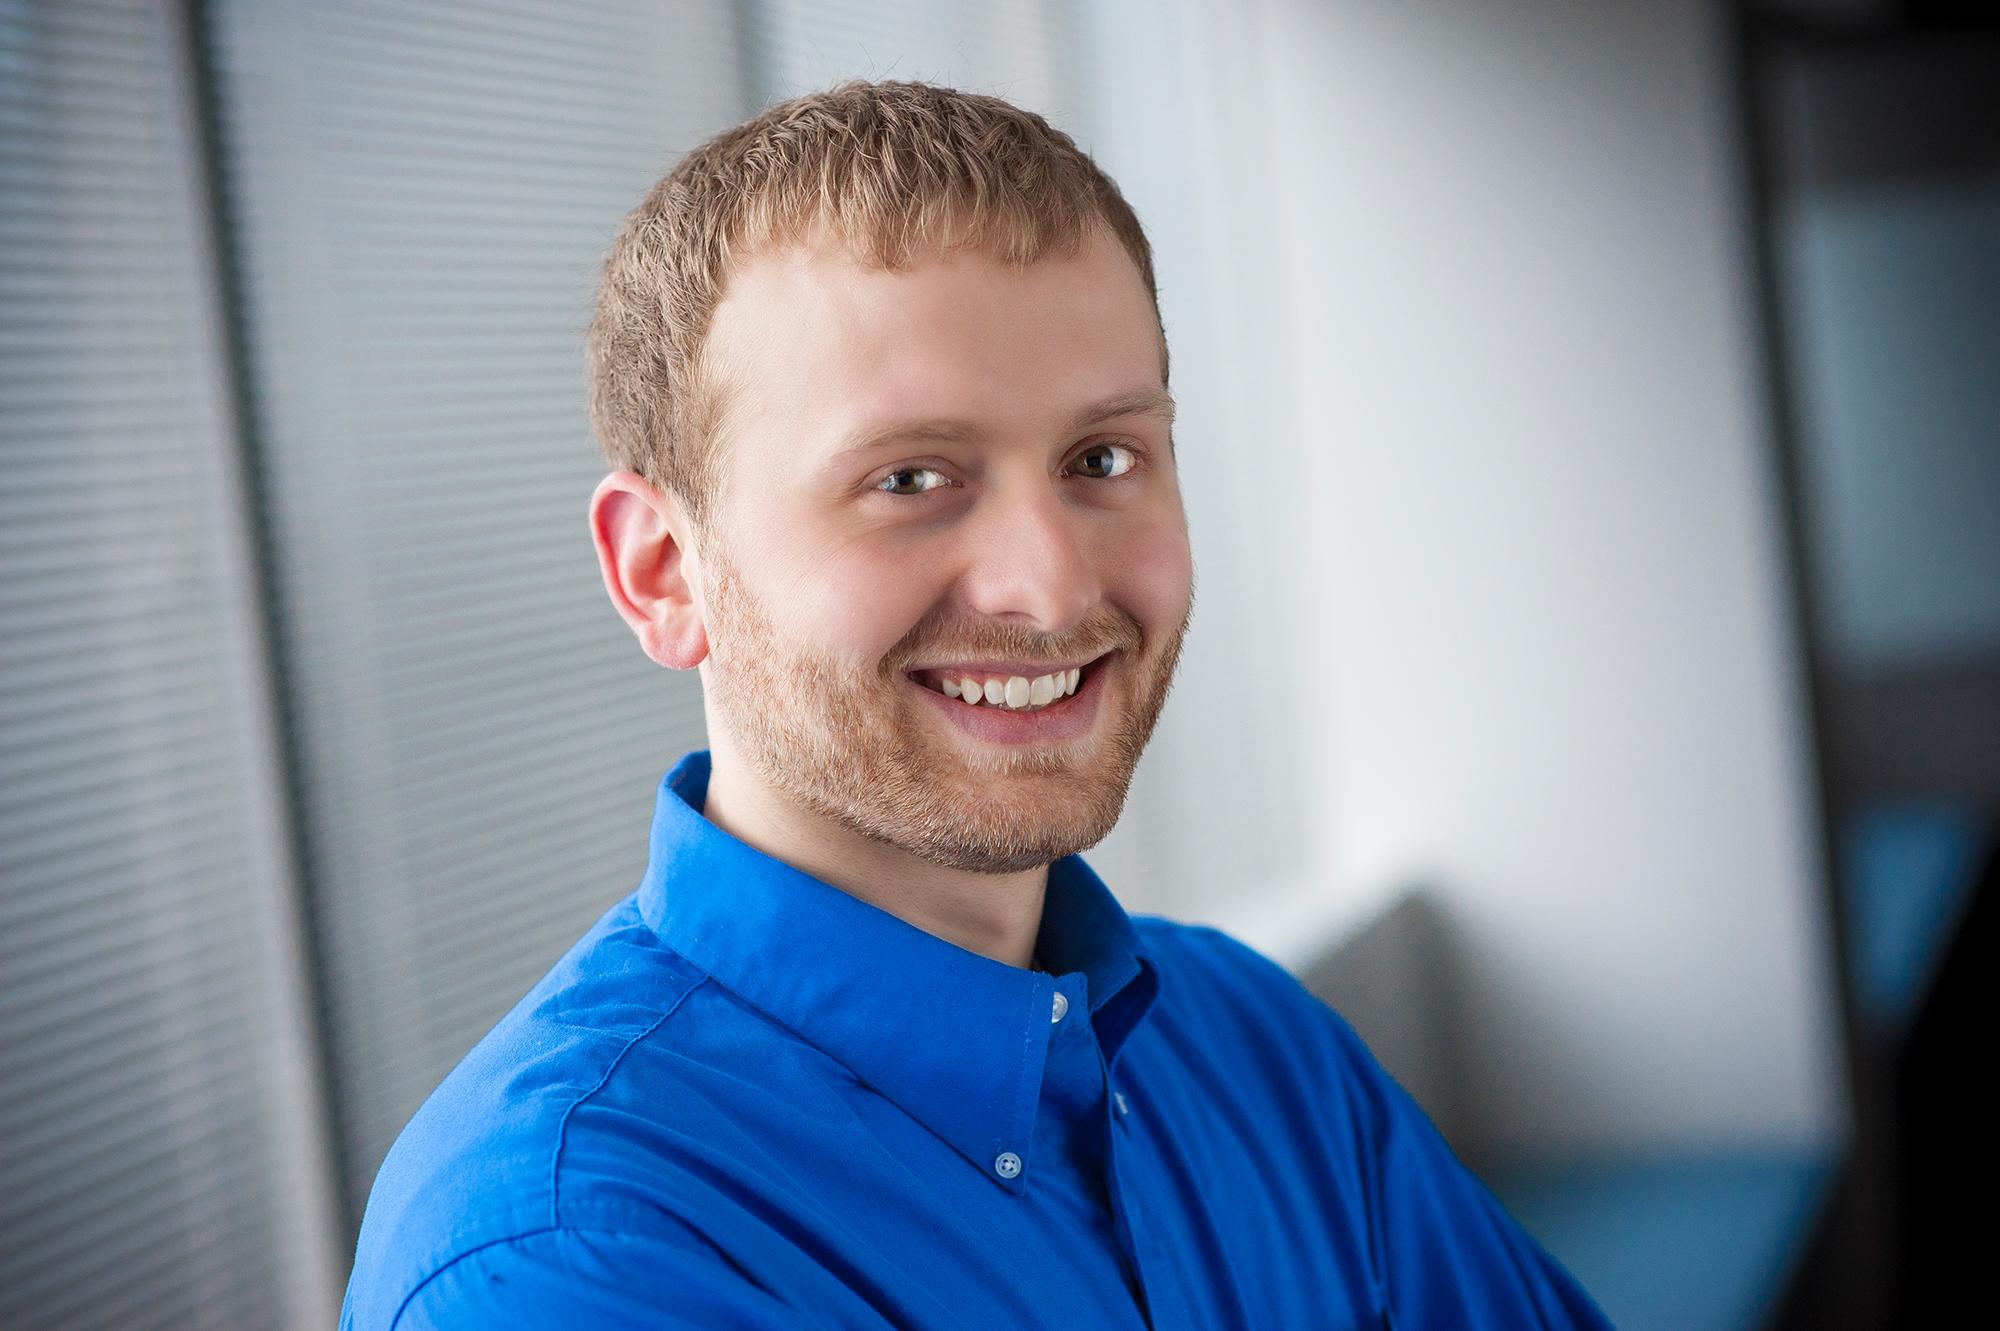 Blaine Grzegorek